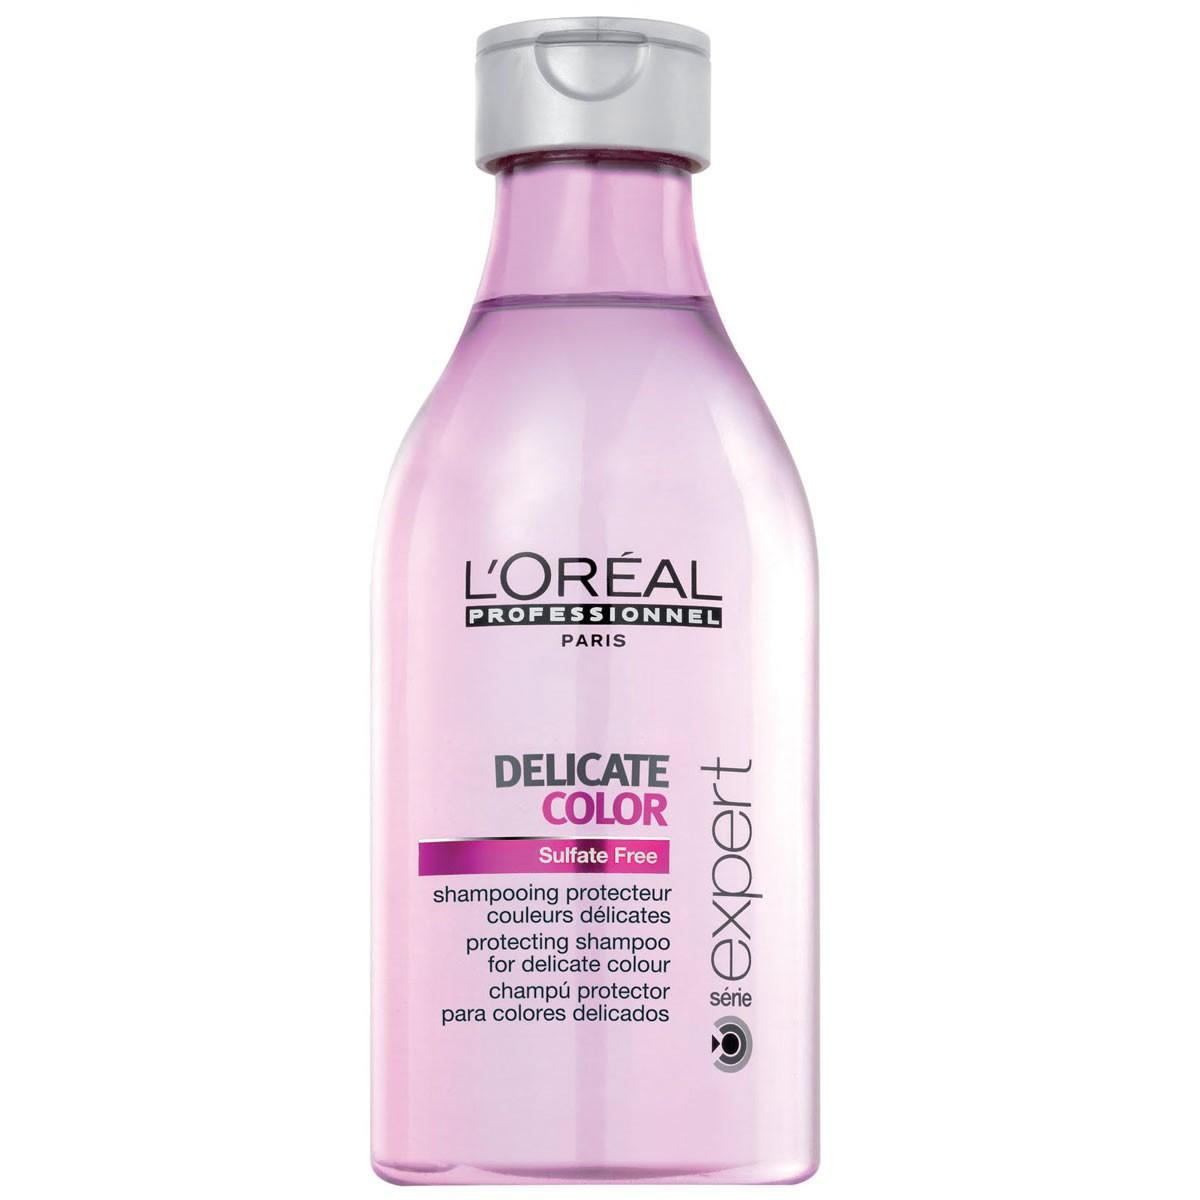 Delicare professional шампунь для окрашенных волос отзывы